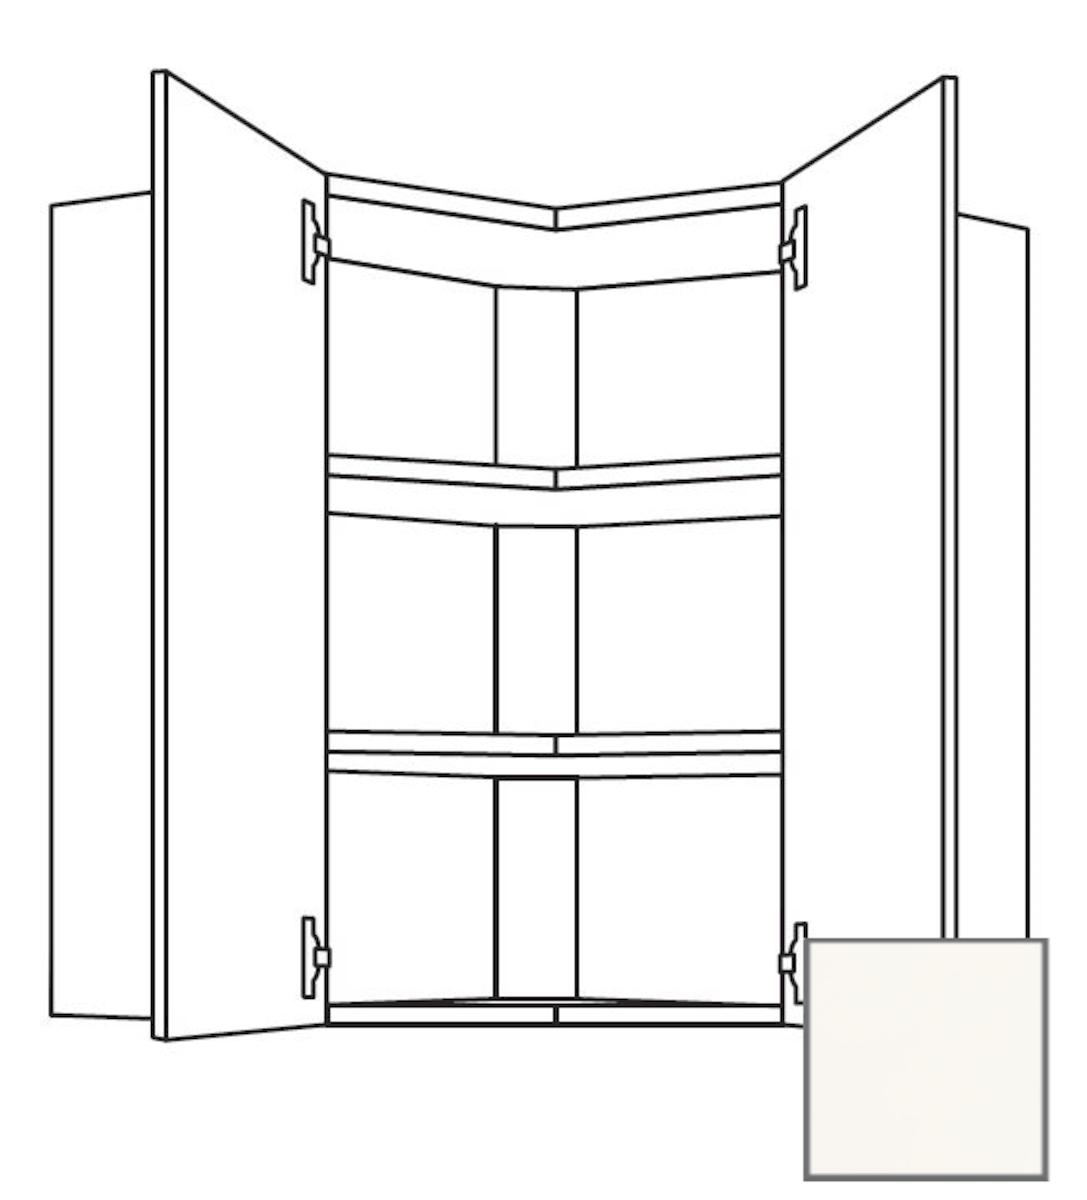 Kuchynská skrinka horní Naturel Erika24 rohová 60x72x35 cm bílá lesk 450.WE601L